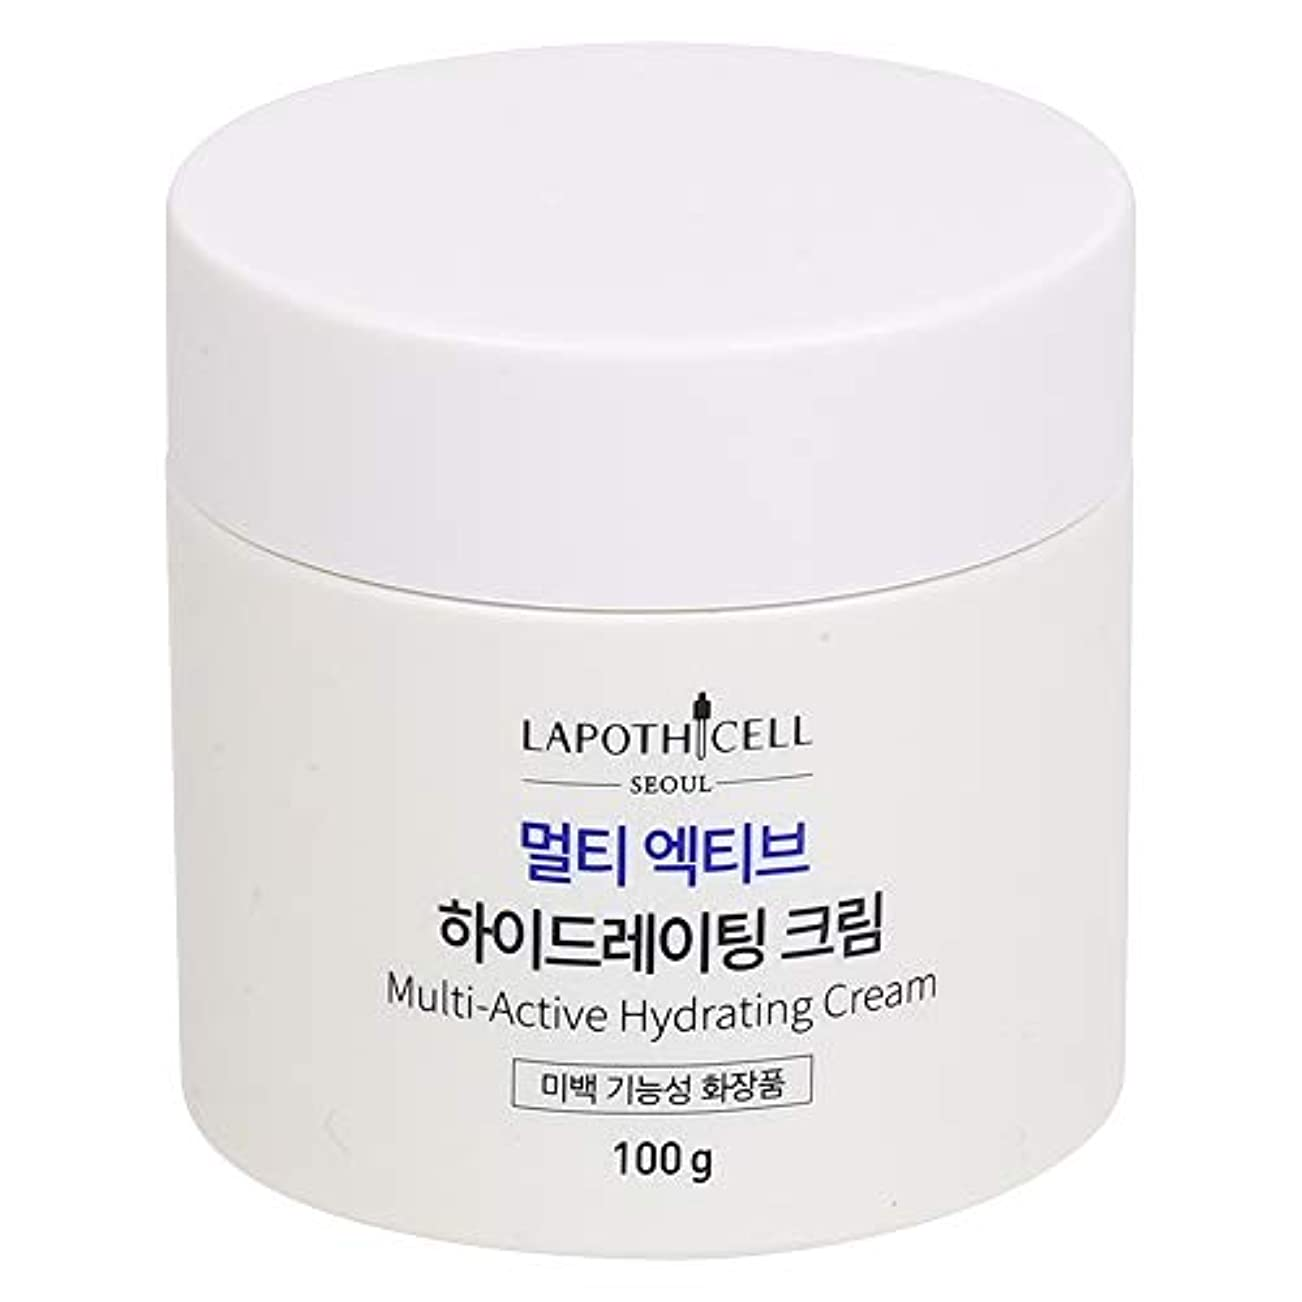 中コンデンサー複製するLapothicell☆Multi-Active Hydrating Cream100g[並行輸入品]